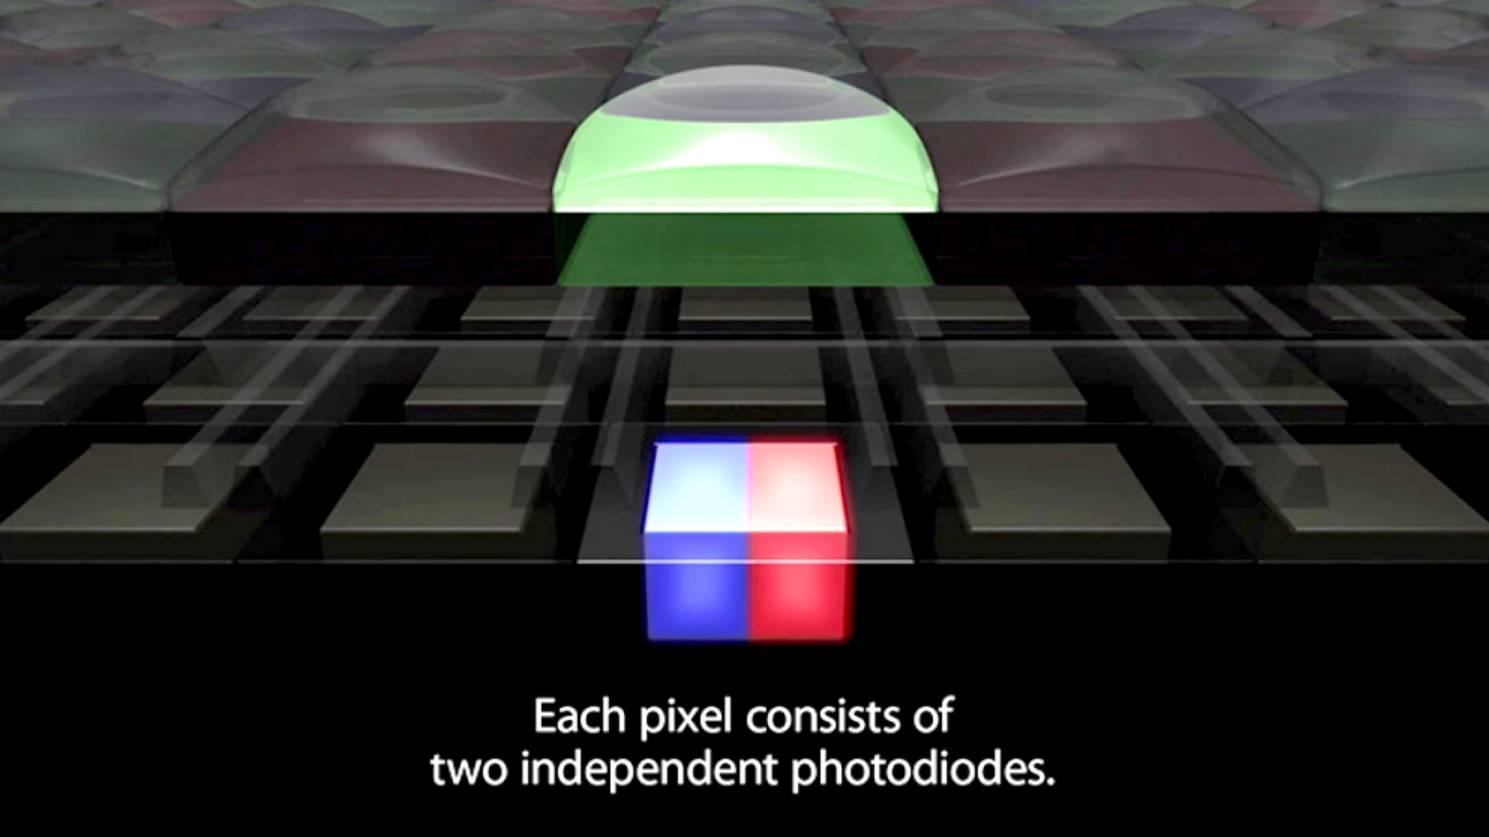 Как выглядит фотодиод под линзой в смартфонах